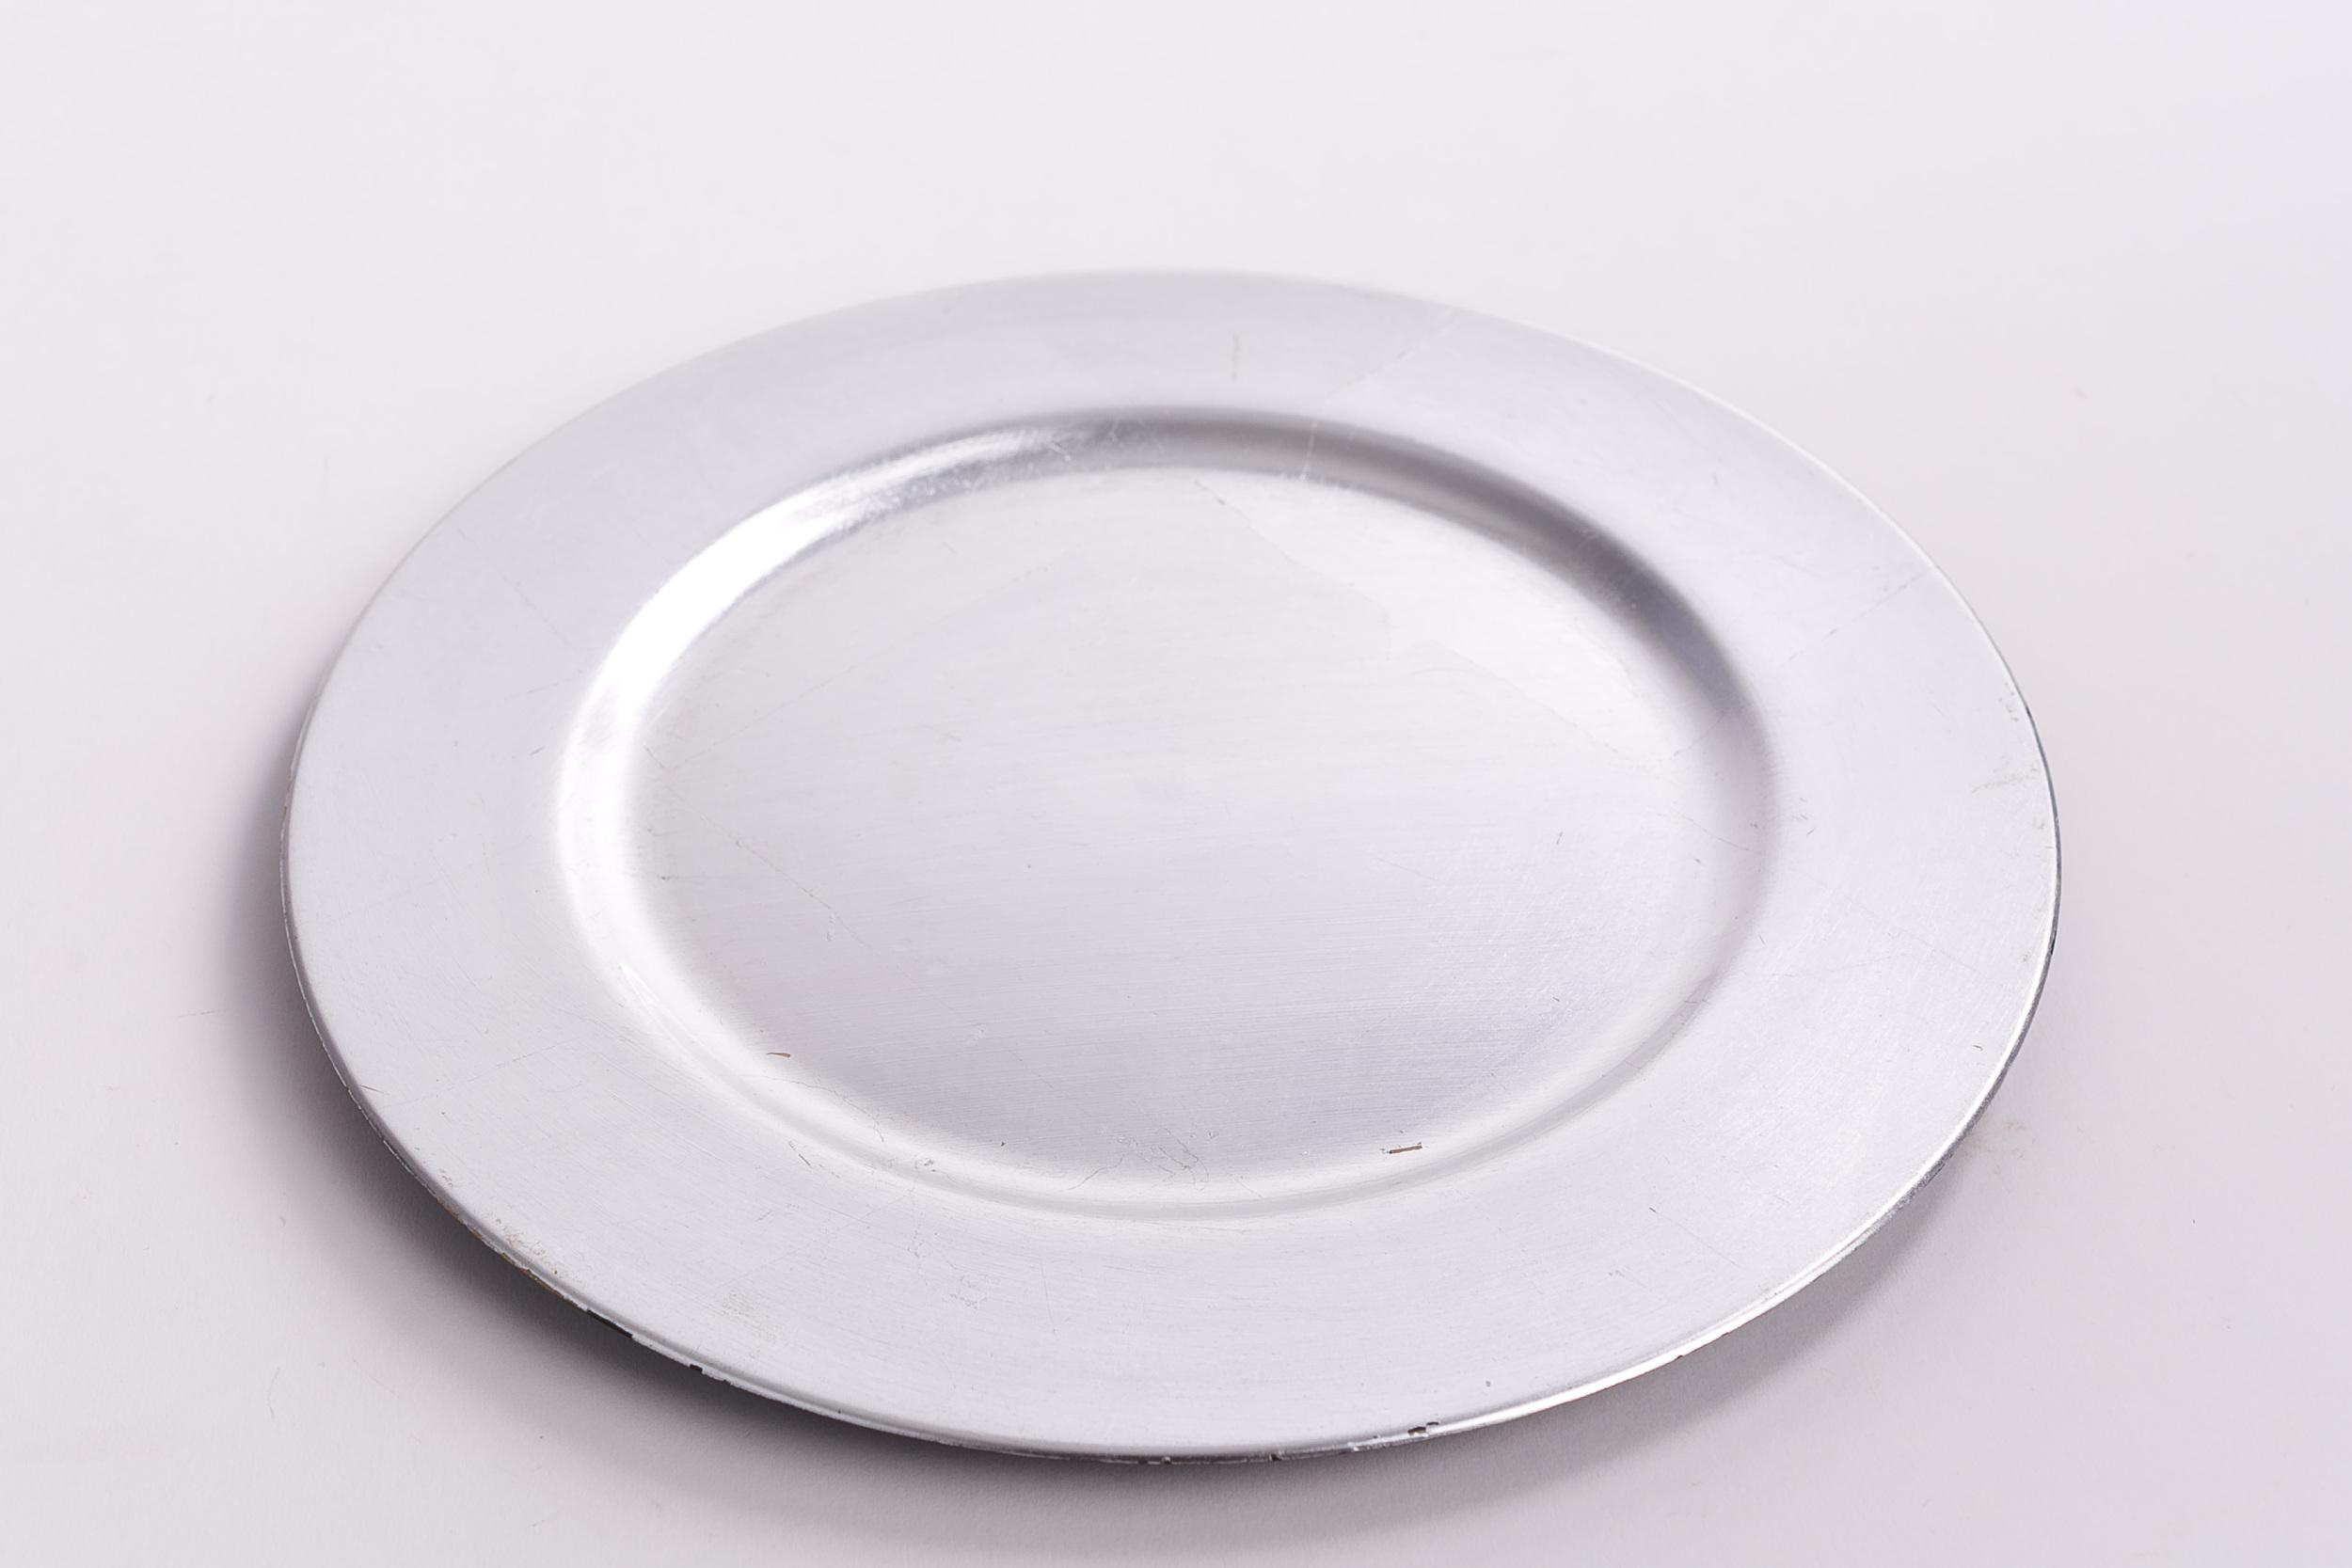 Classic Design - Silver